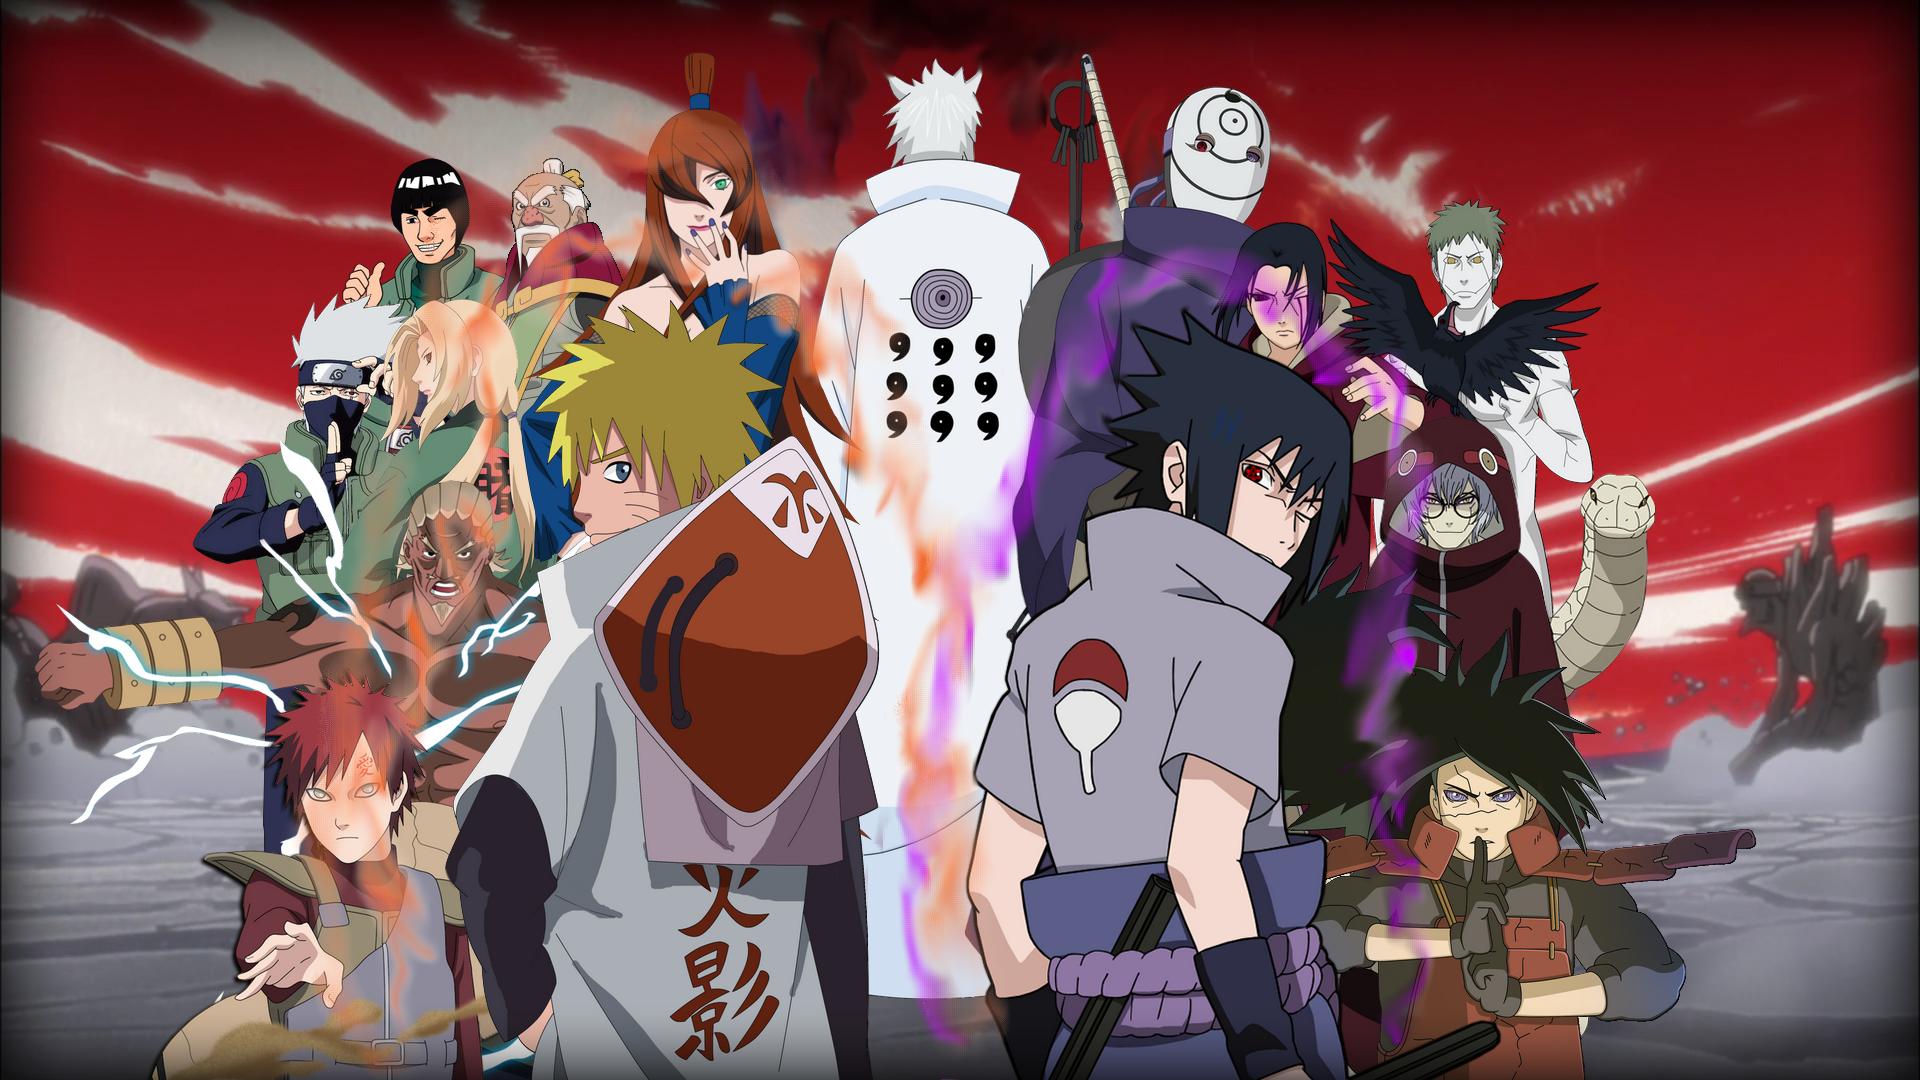 Naruto Shippuden War Wallpaper Full Hd By Brinx69 On Deviantart